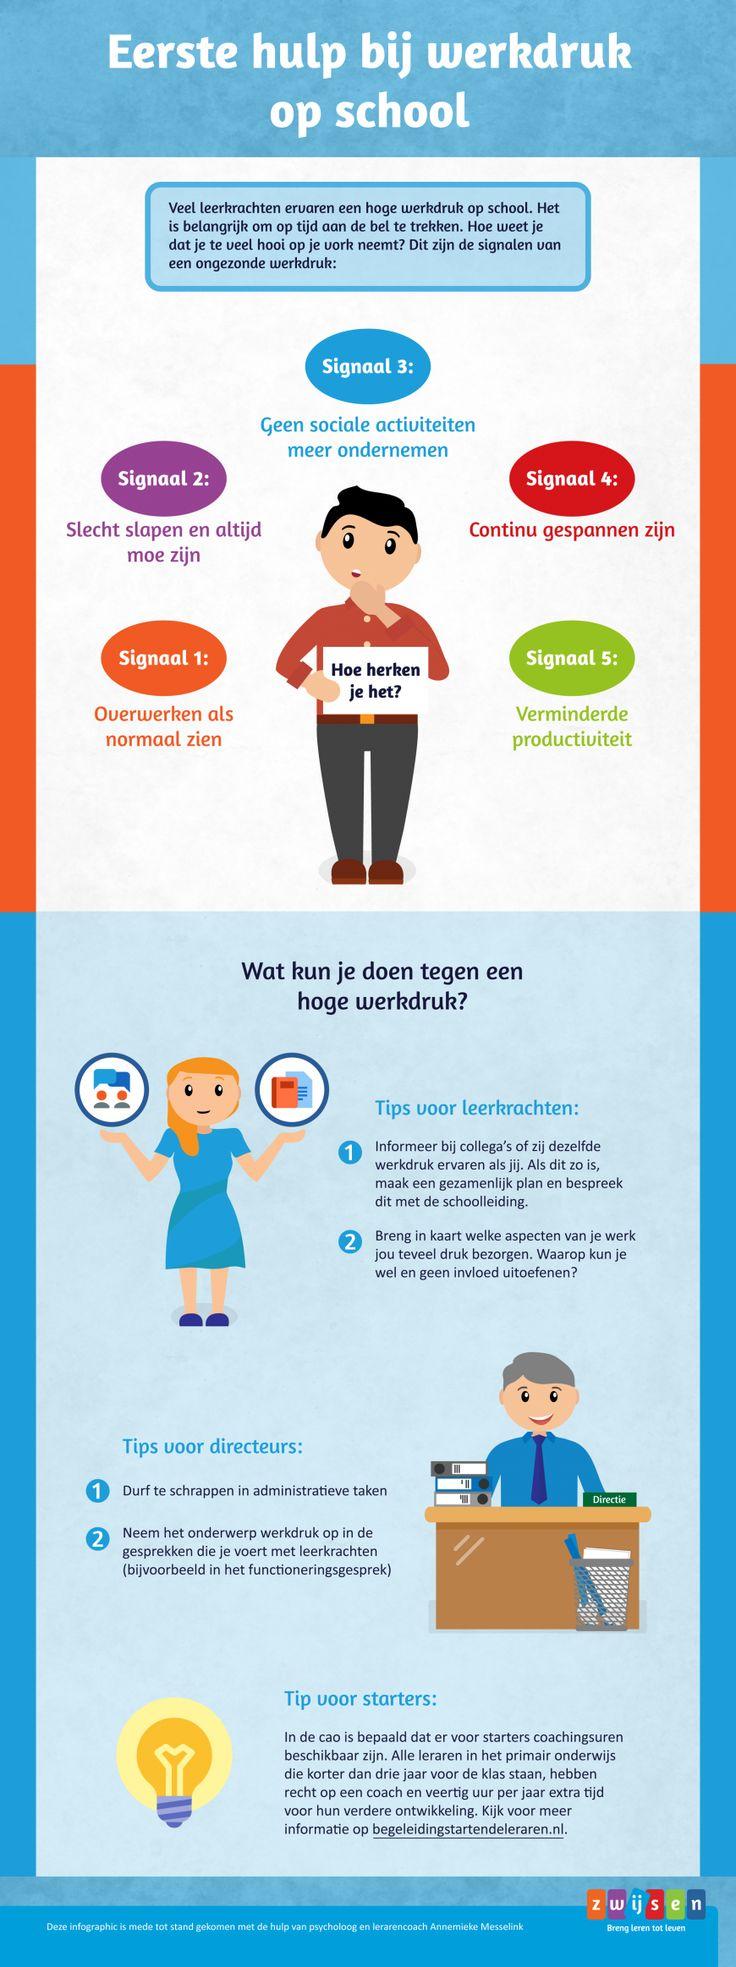 Eerste hulp bij werkdruk op school (infographic) | Zwijsen